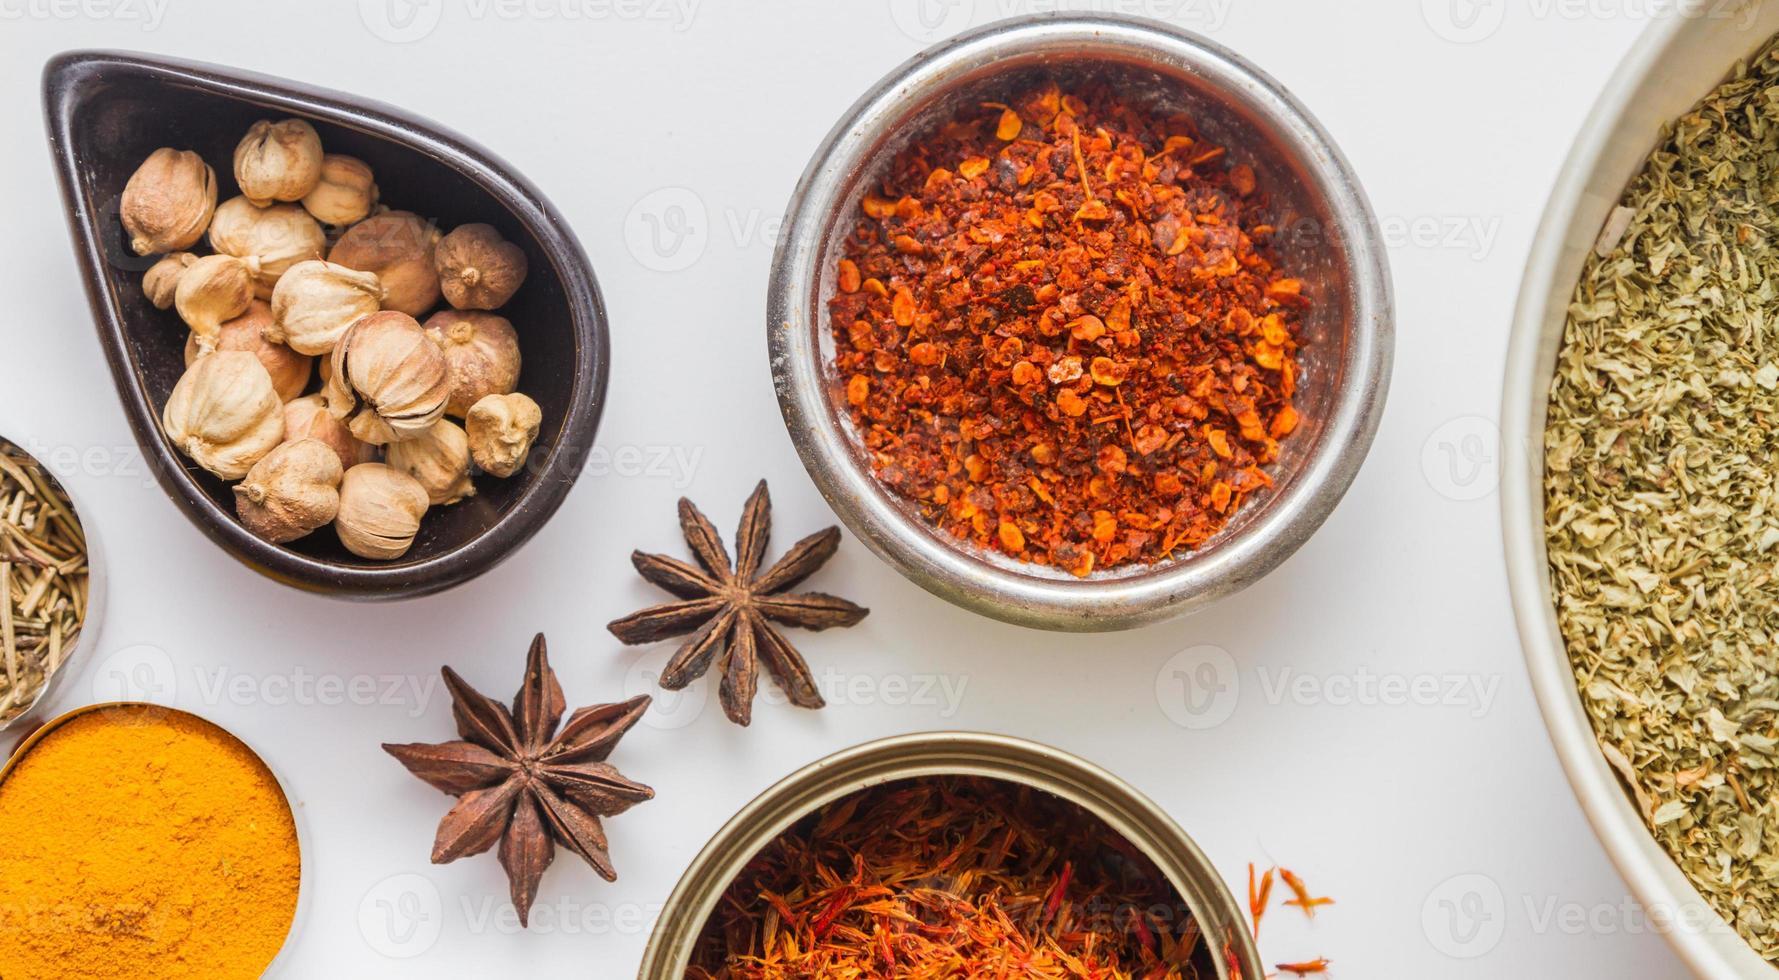 kryddor för hed och matlagning på vit bakgrund. foto